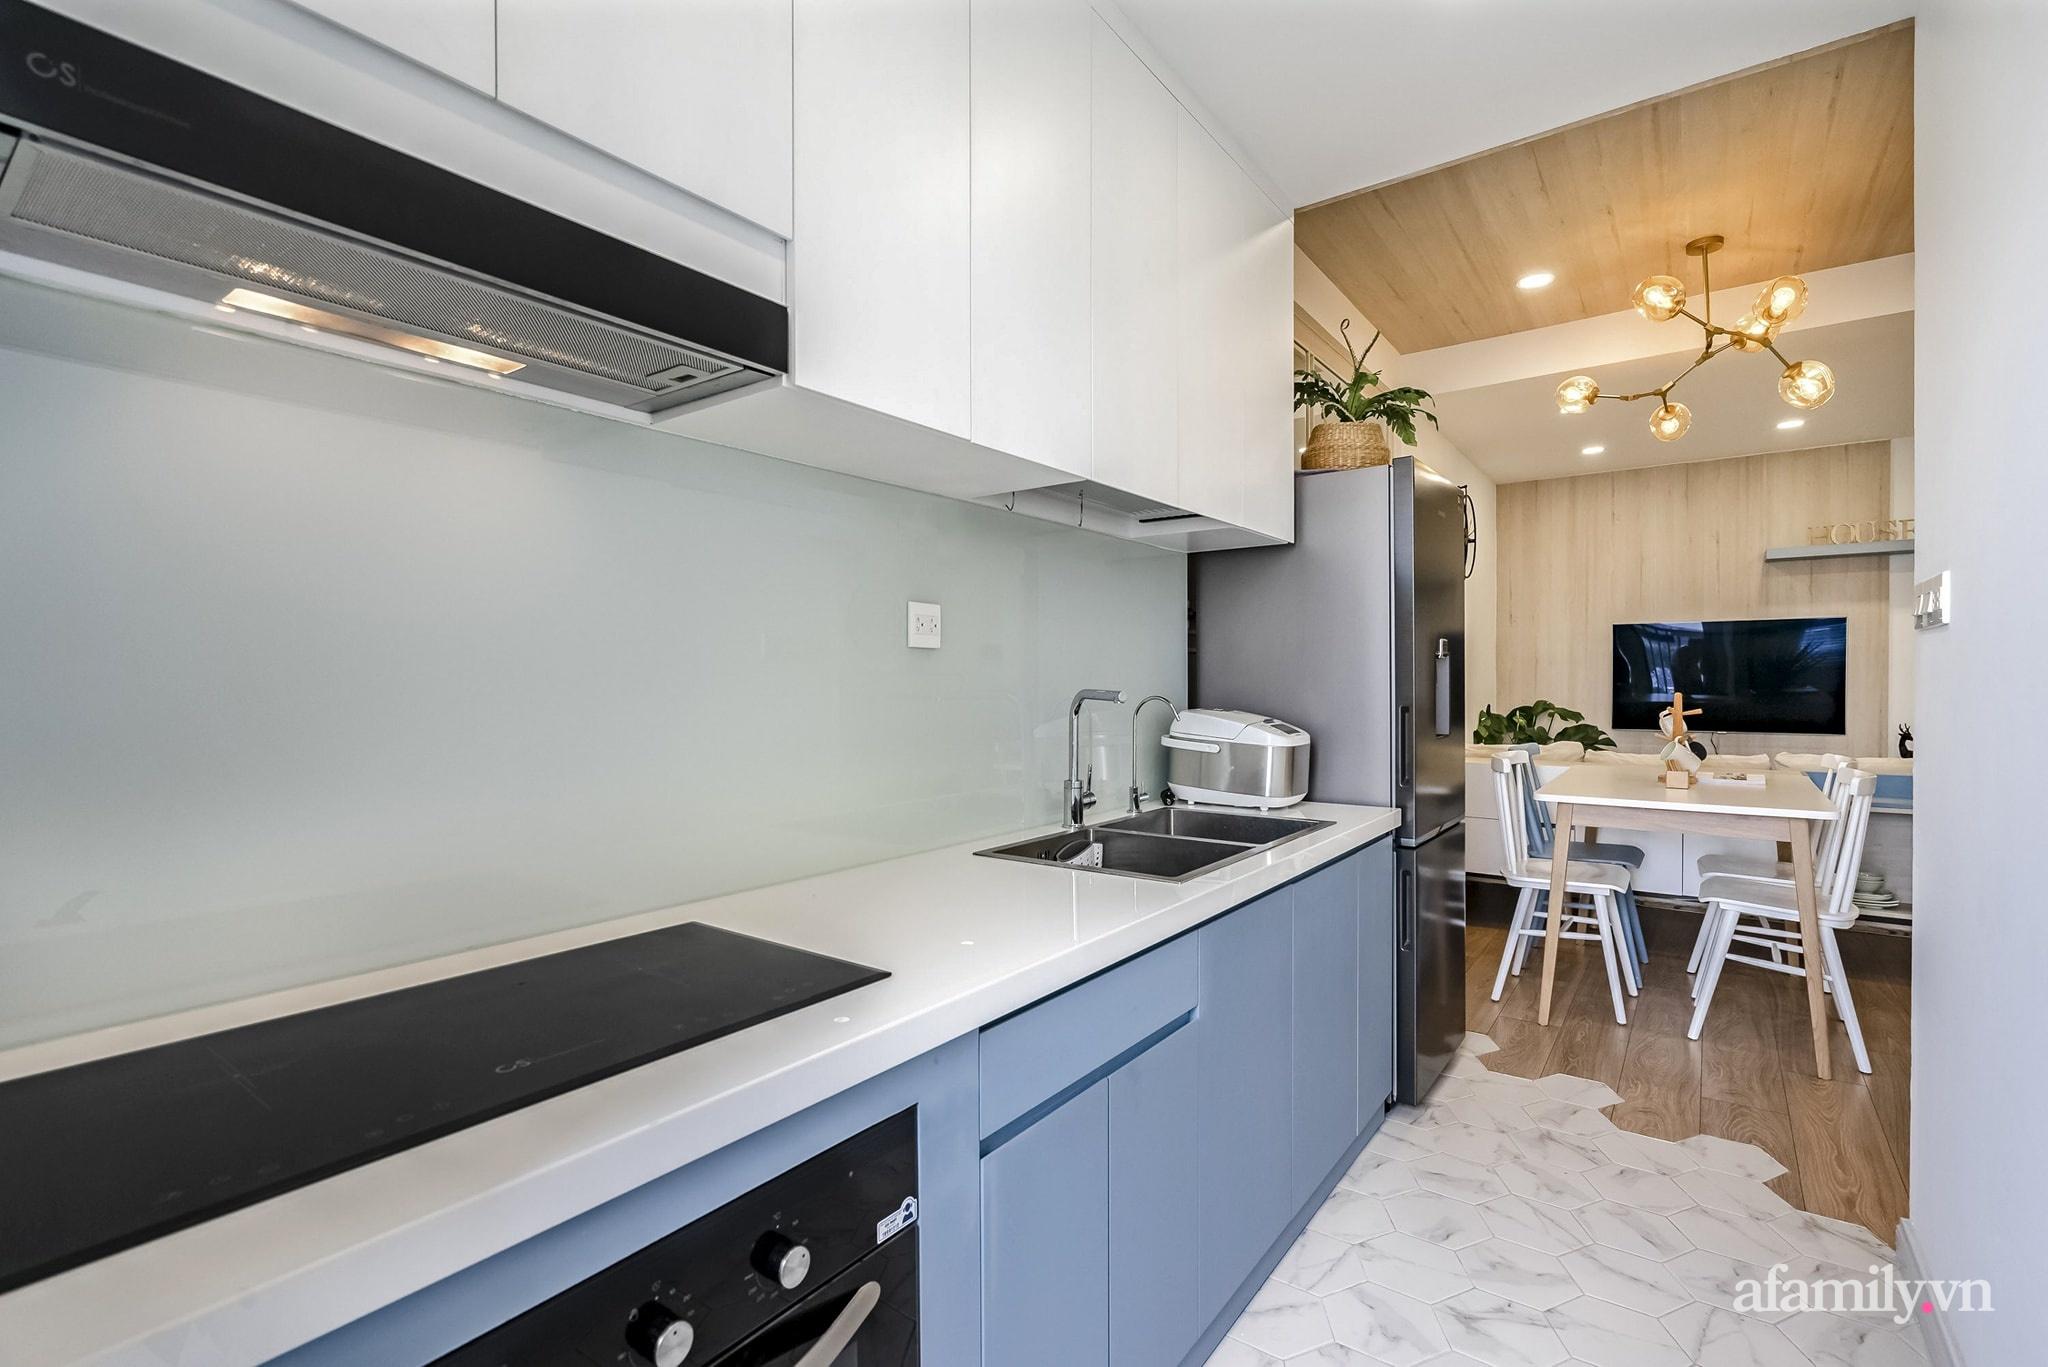 Căn hộ 65m² màu xanh yên bình của chàng trai quyết tâm mua nhà trước tuổi 30 ở Sài Gòn - Ảnh 9.